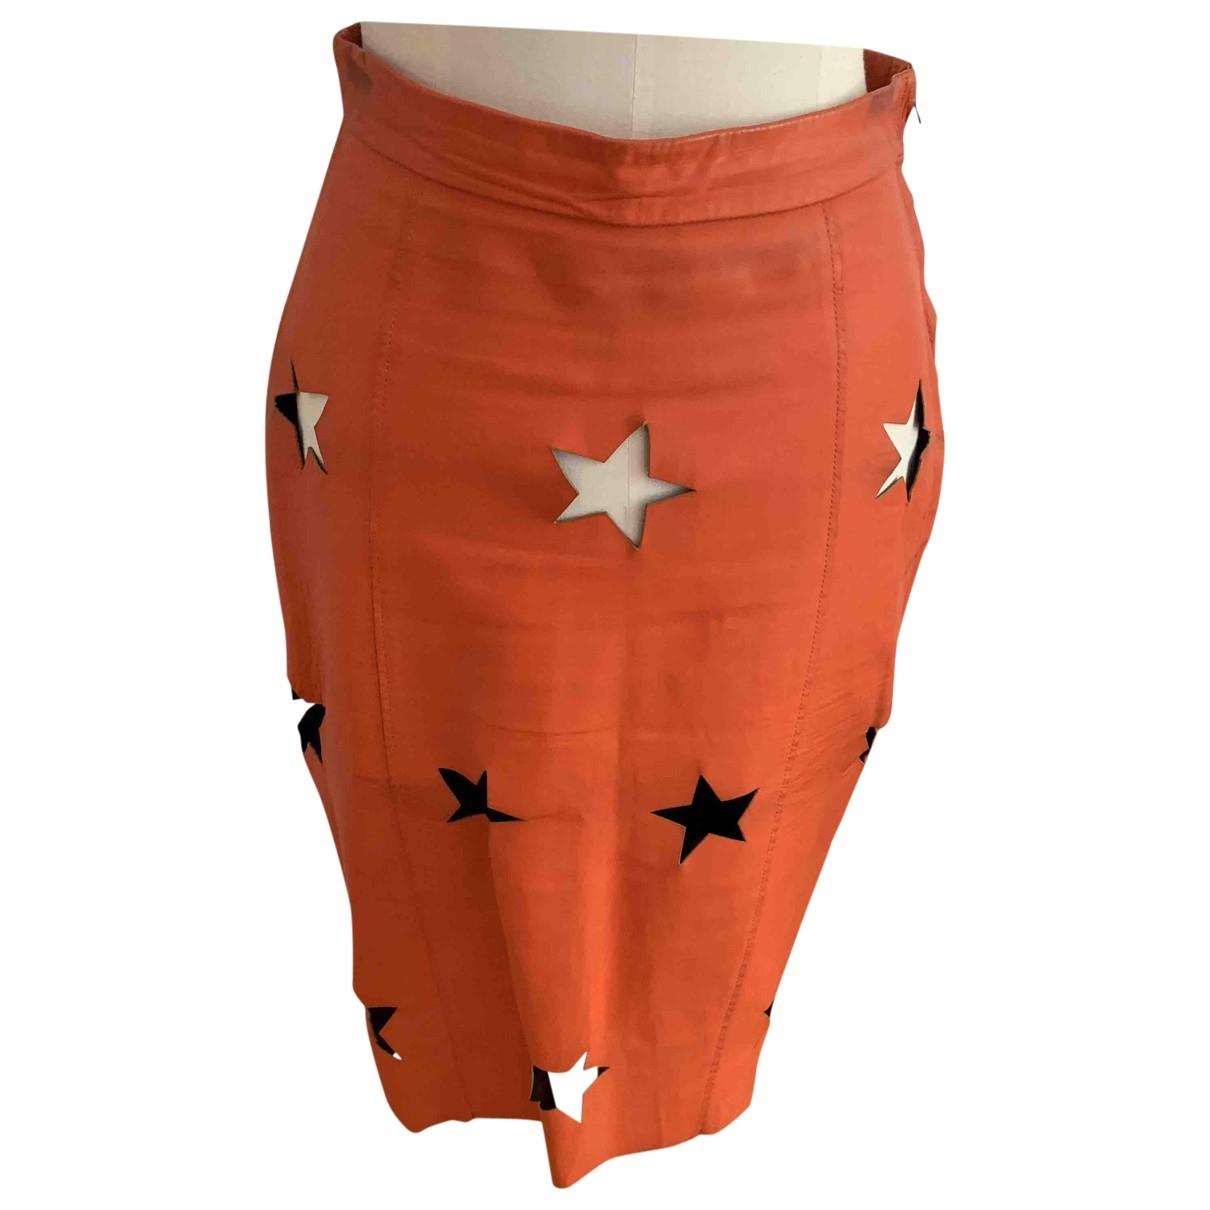 Acne Studios \N Orange Leather skirt for Women 36 FR